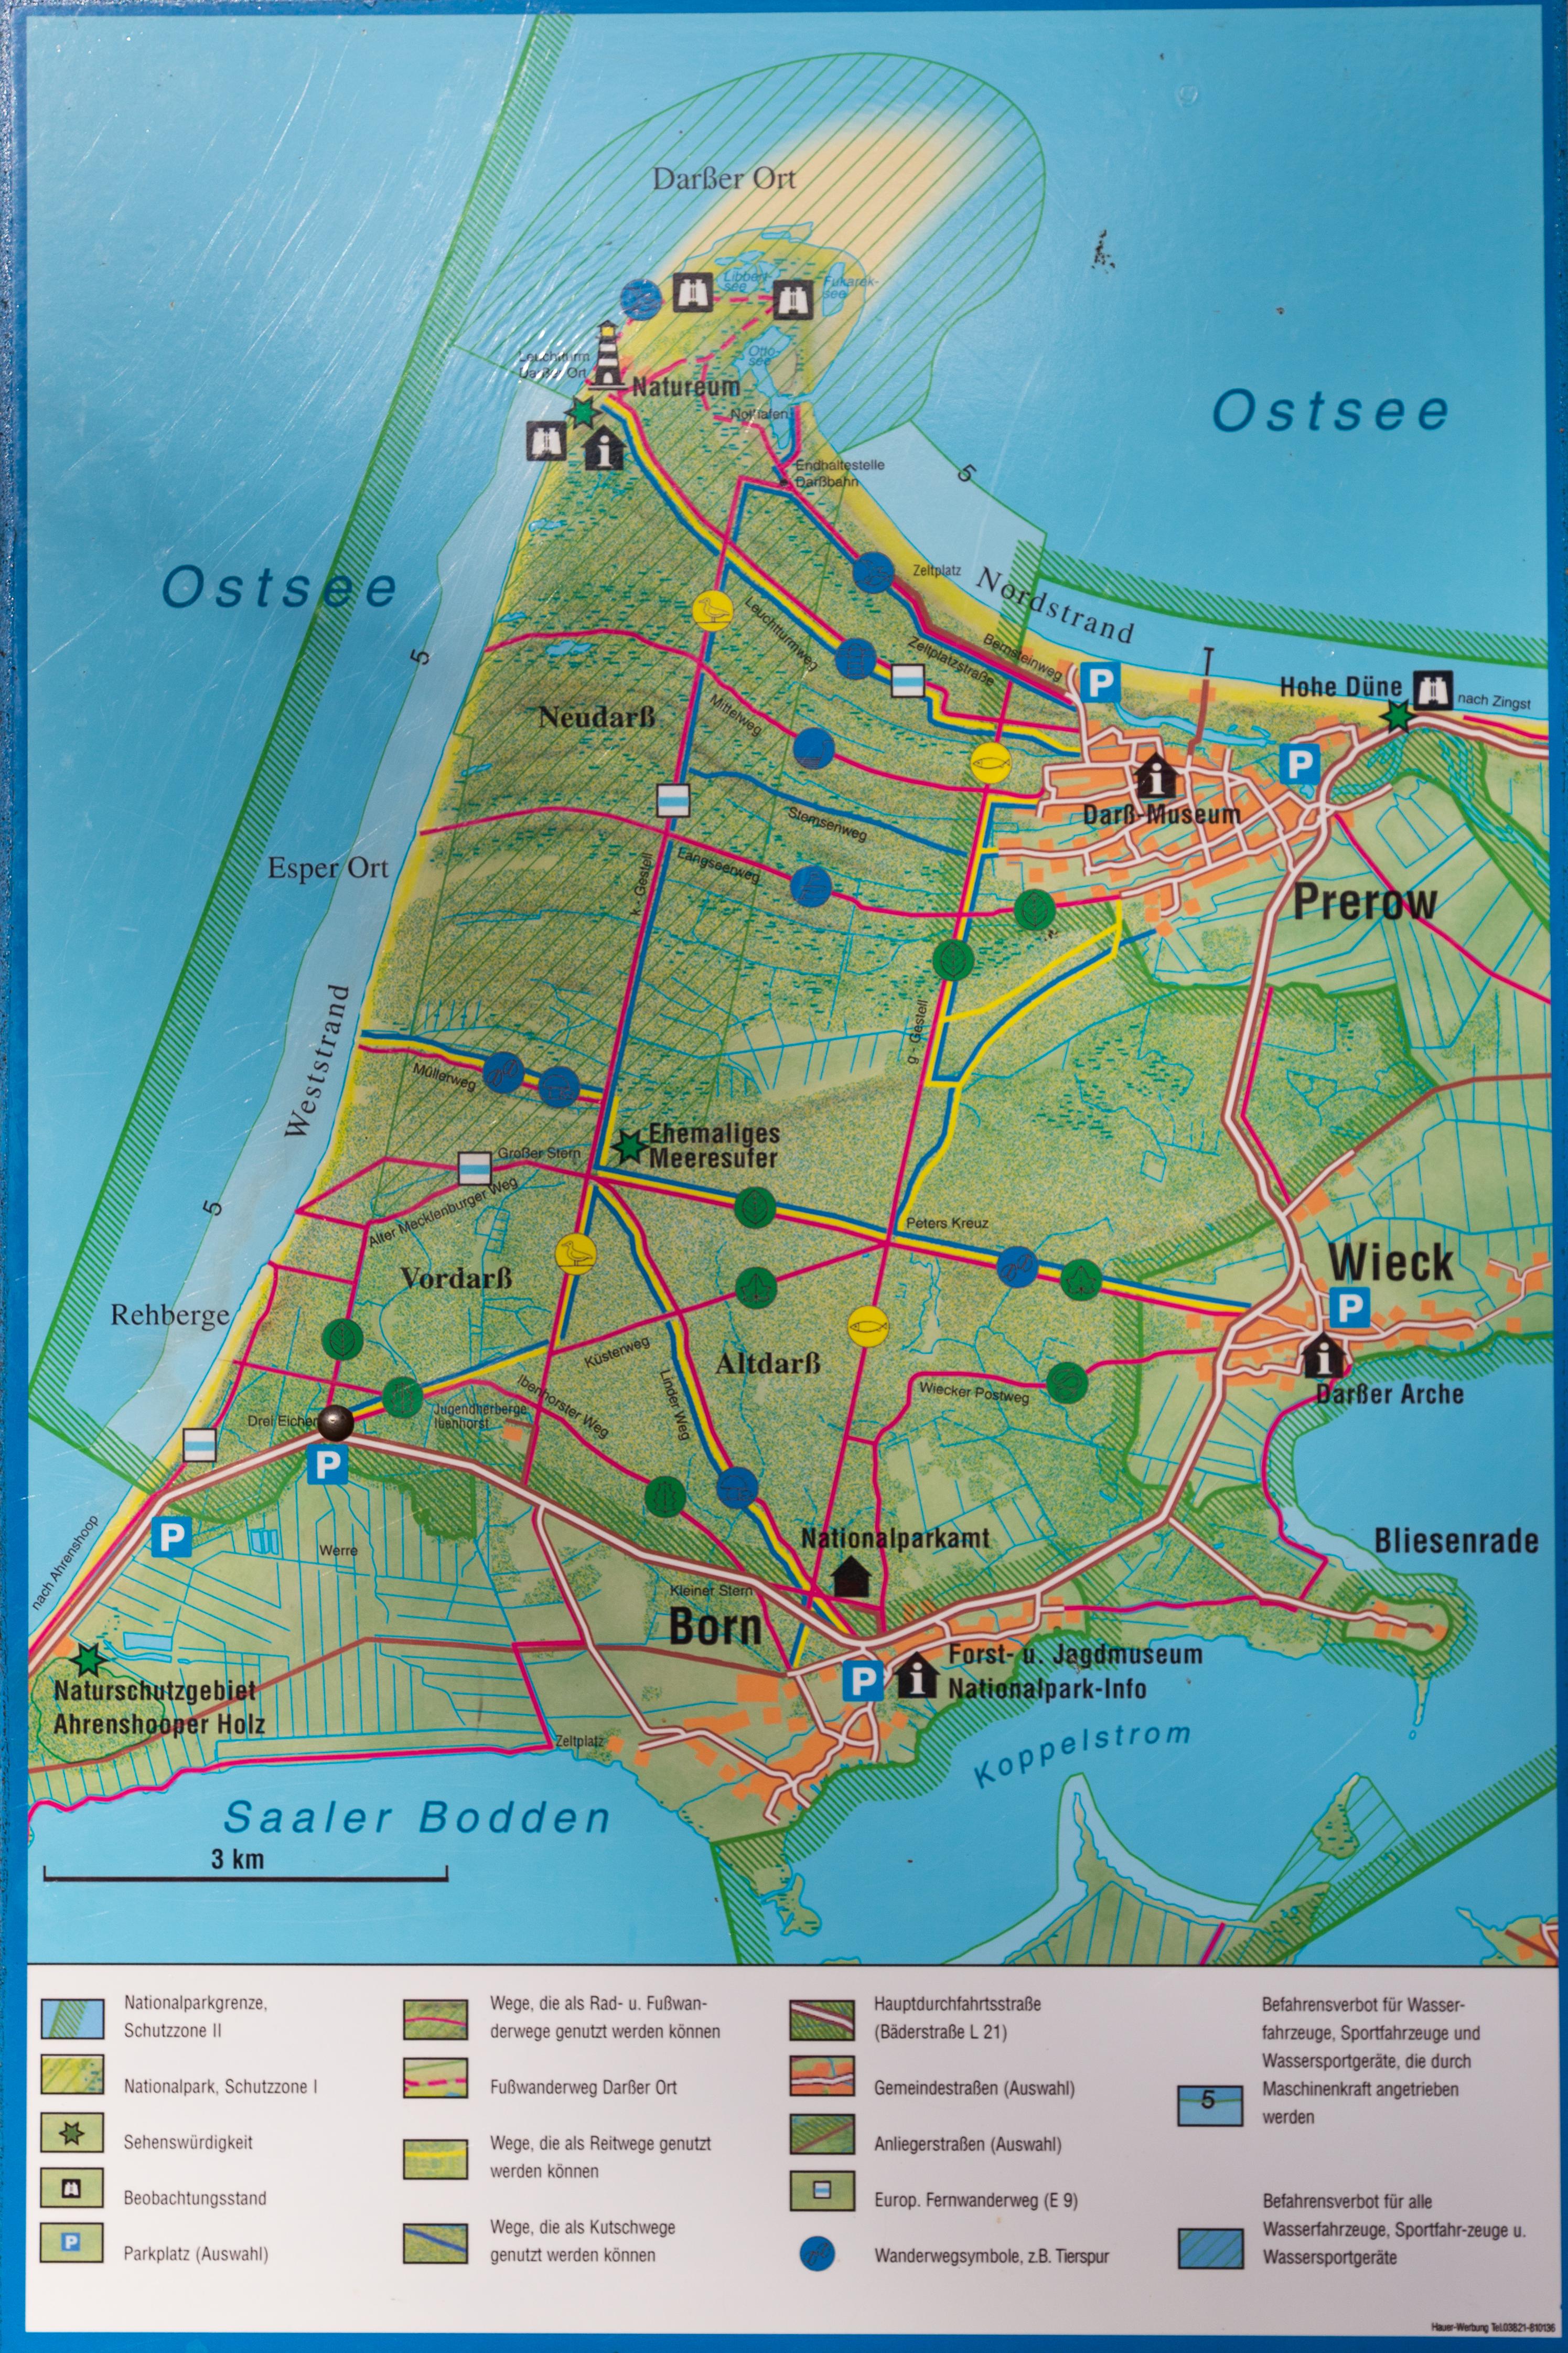 Landkarte Fischland Darss Zingst Ansichtskarten Center Onlineshop